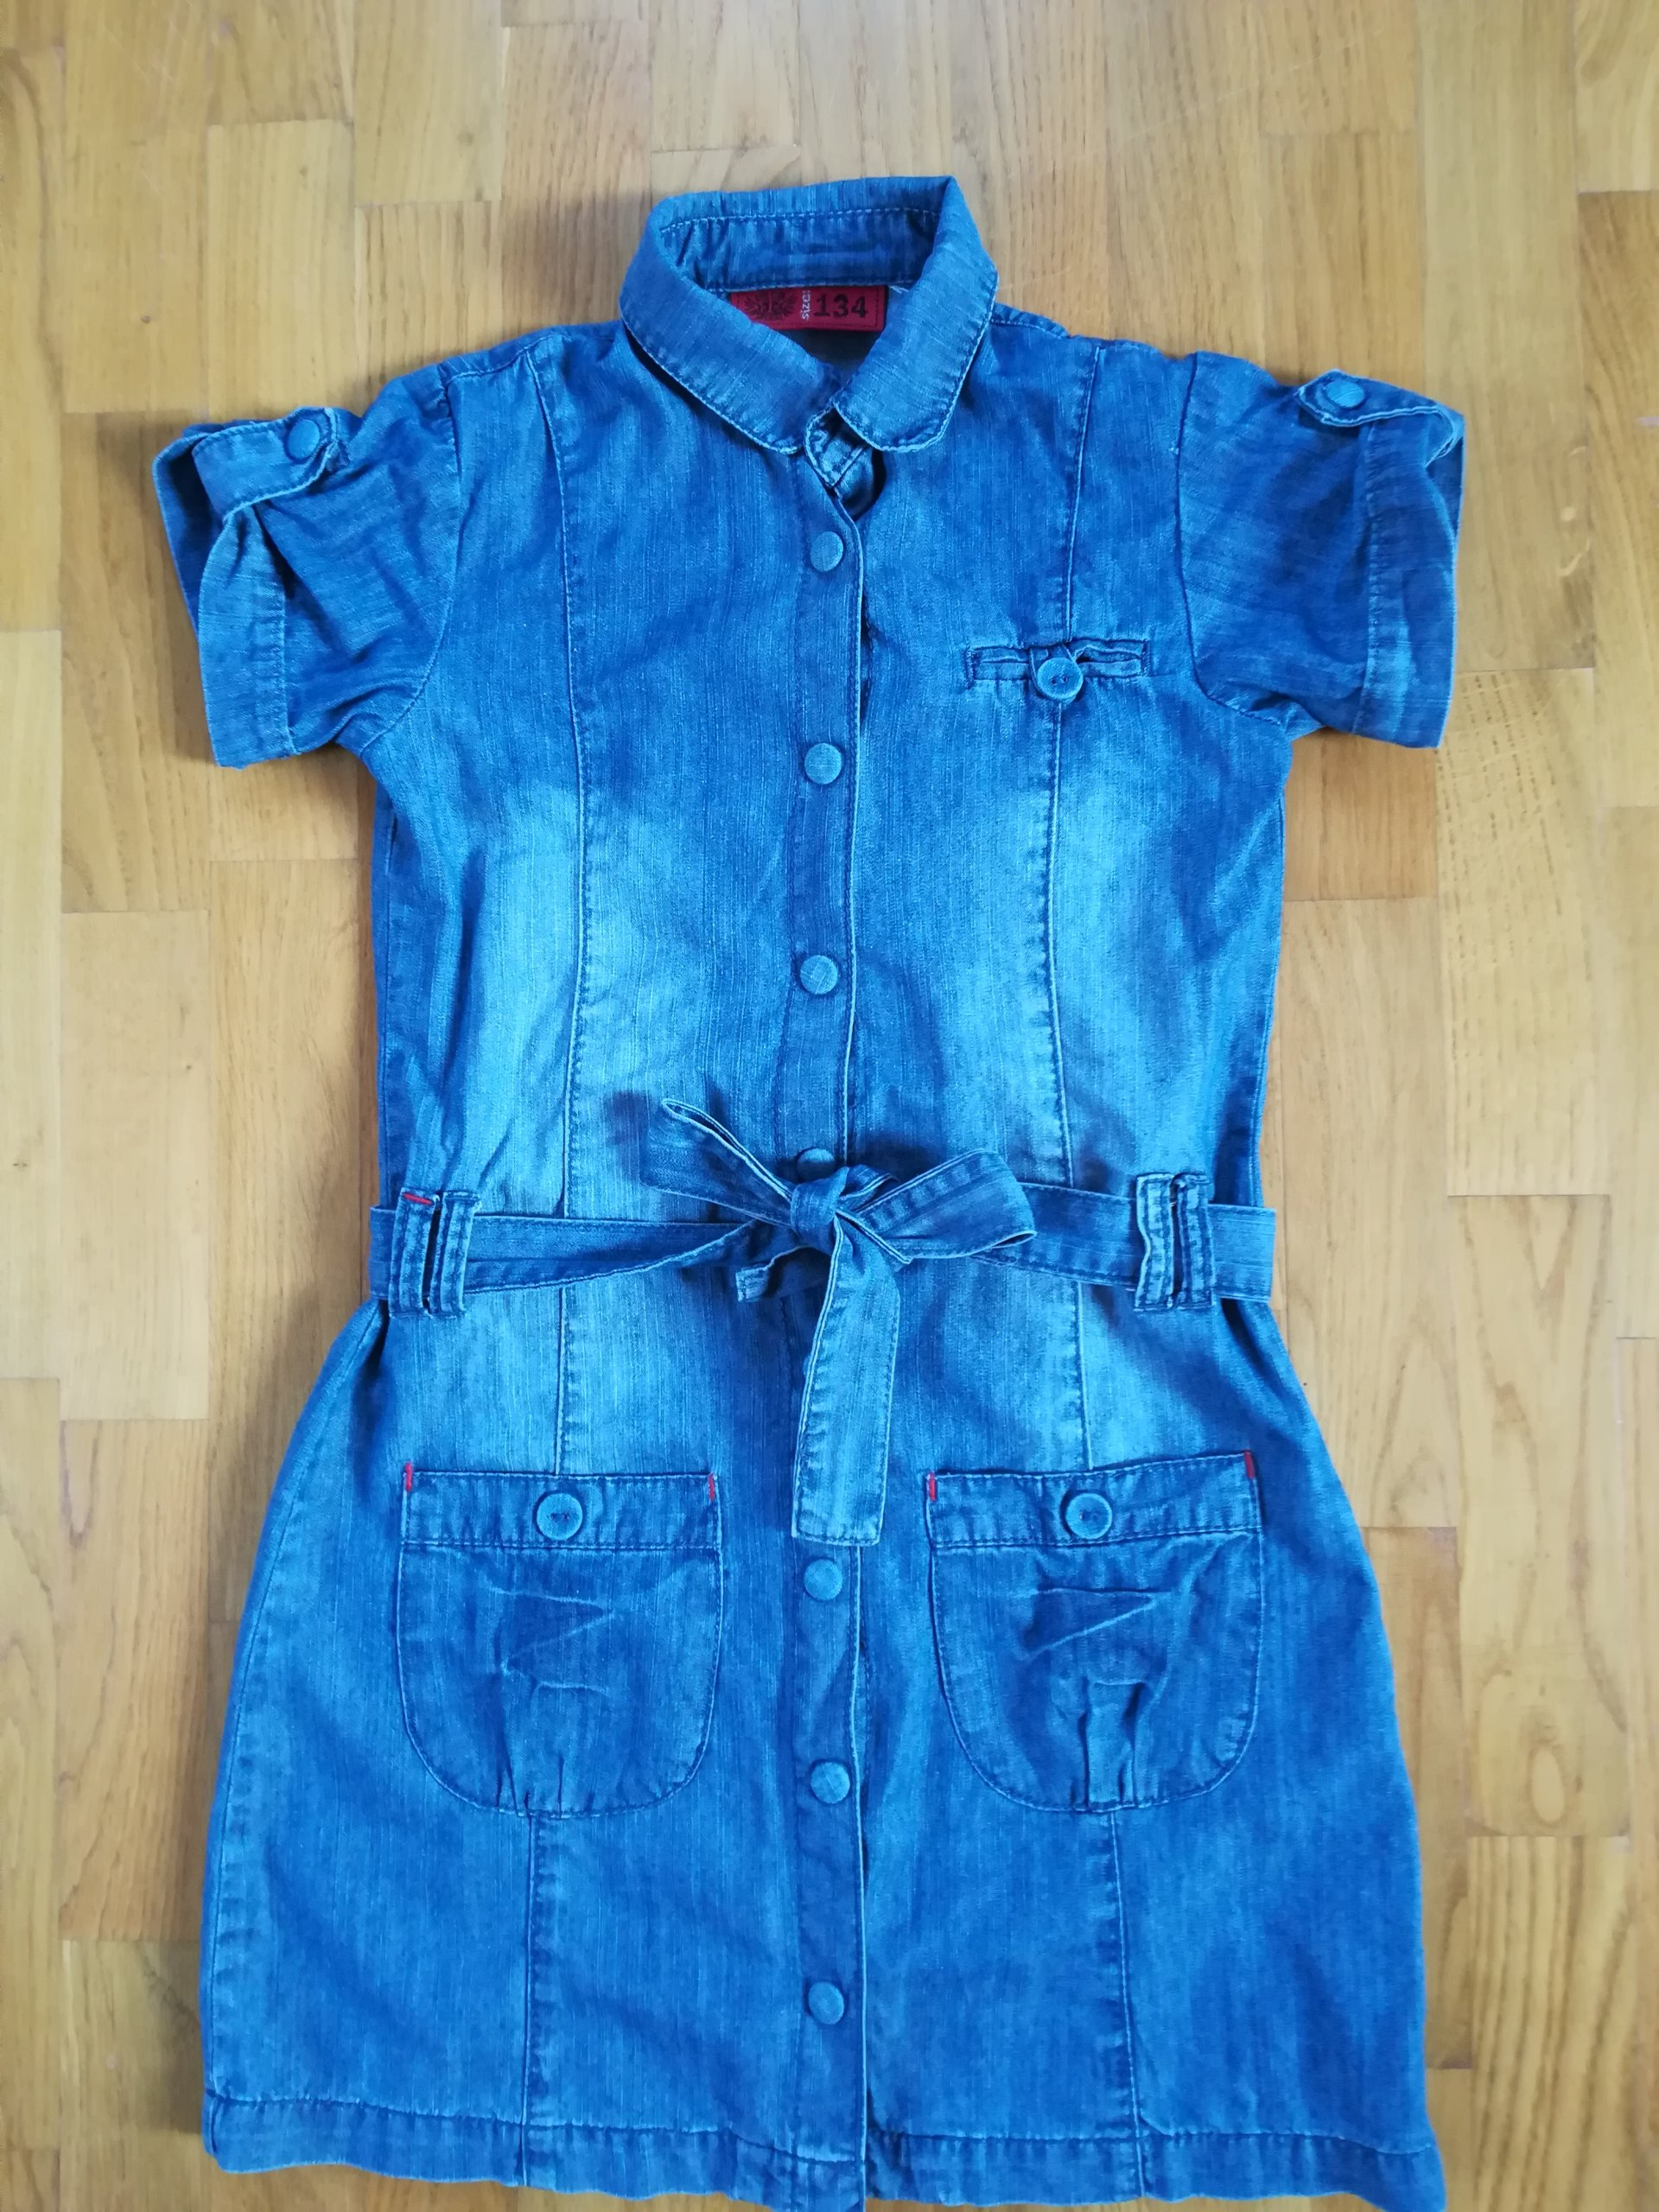 c07299eb06 Świetna sukienka jeansowa COOL CLUB 134 - 7128591889 - oficjalne archiwum  allegro